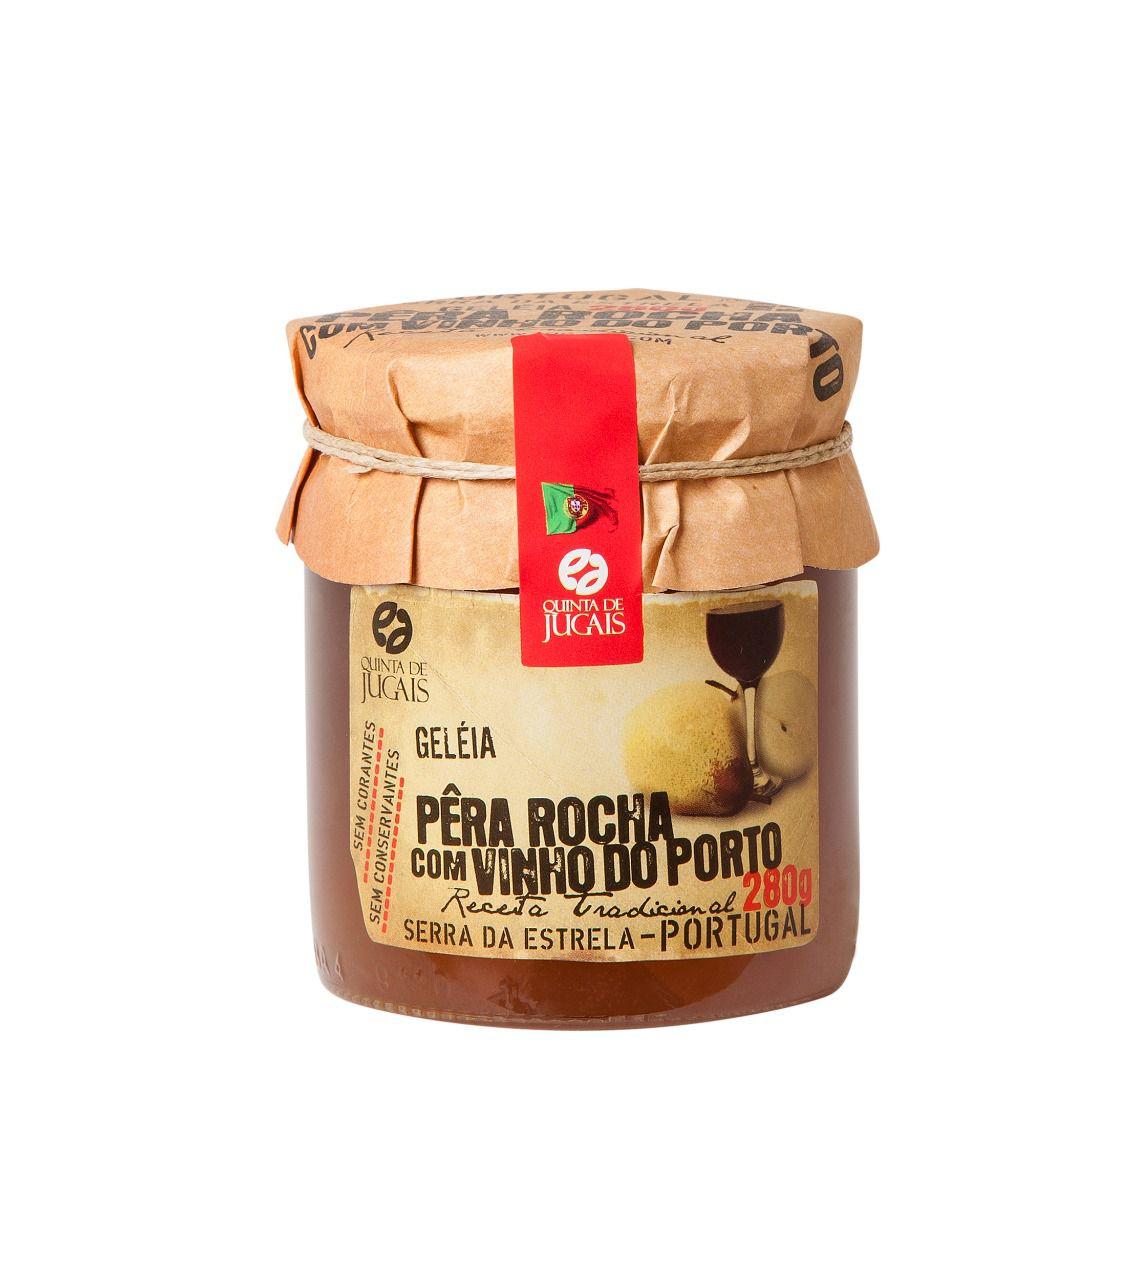 Geléia de Pêra Rocha e Vinho do Porto Quinta de Jugais 280gr